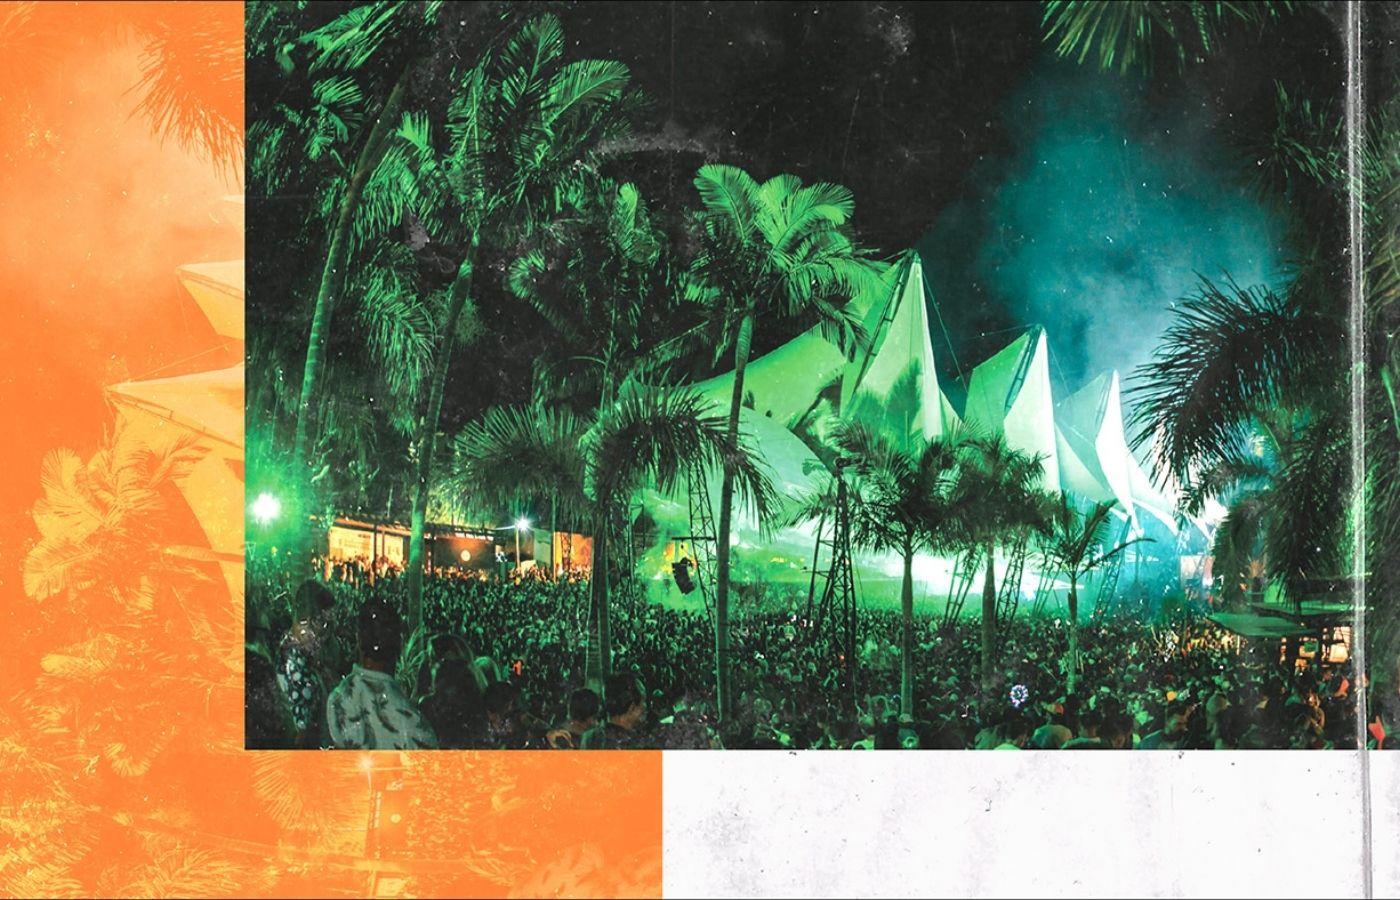 La reconstrucción del club brasileño Green Valley